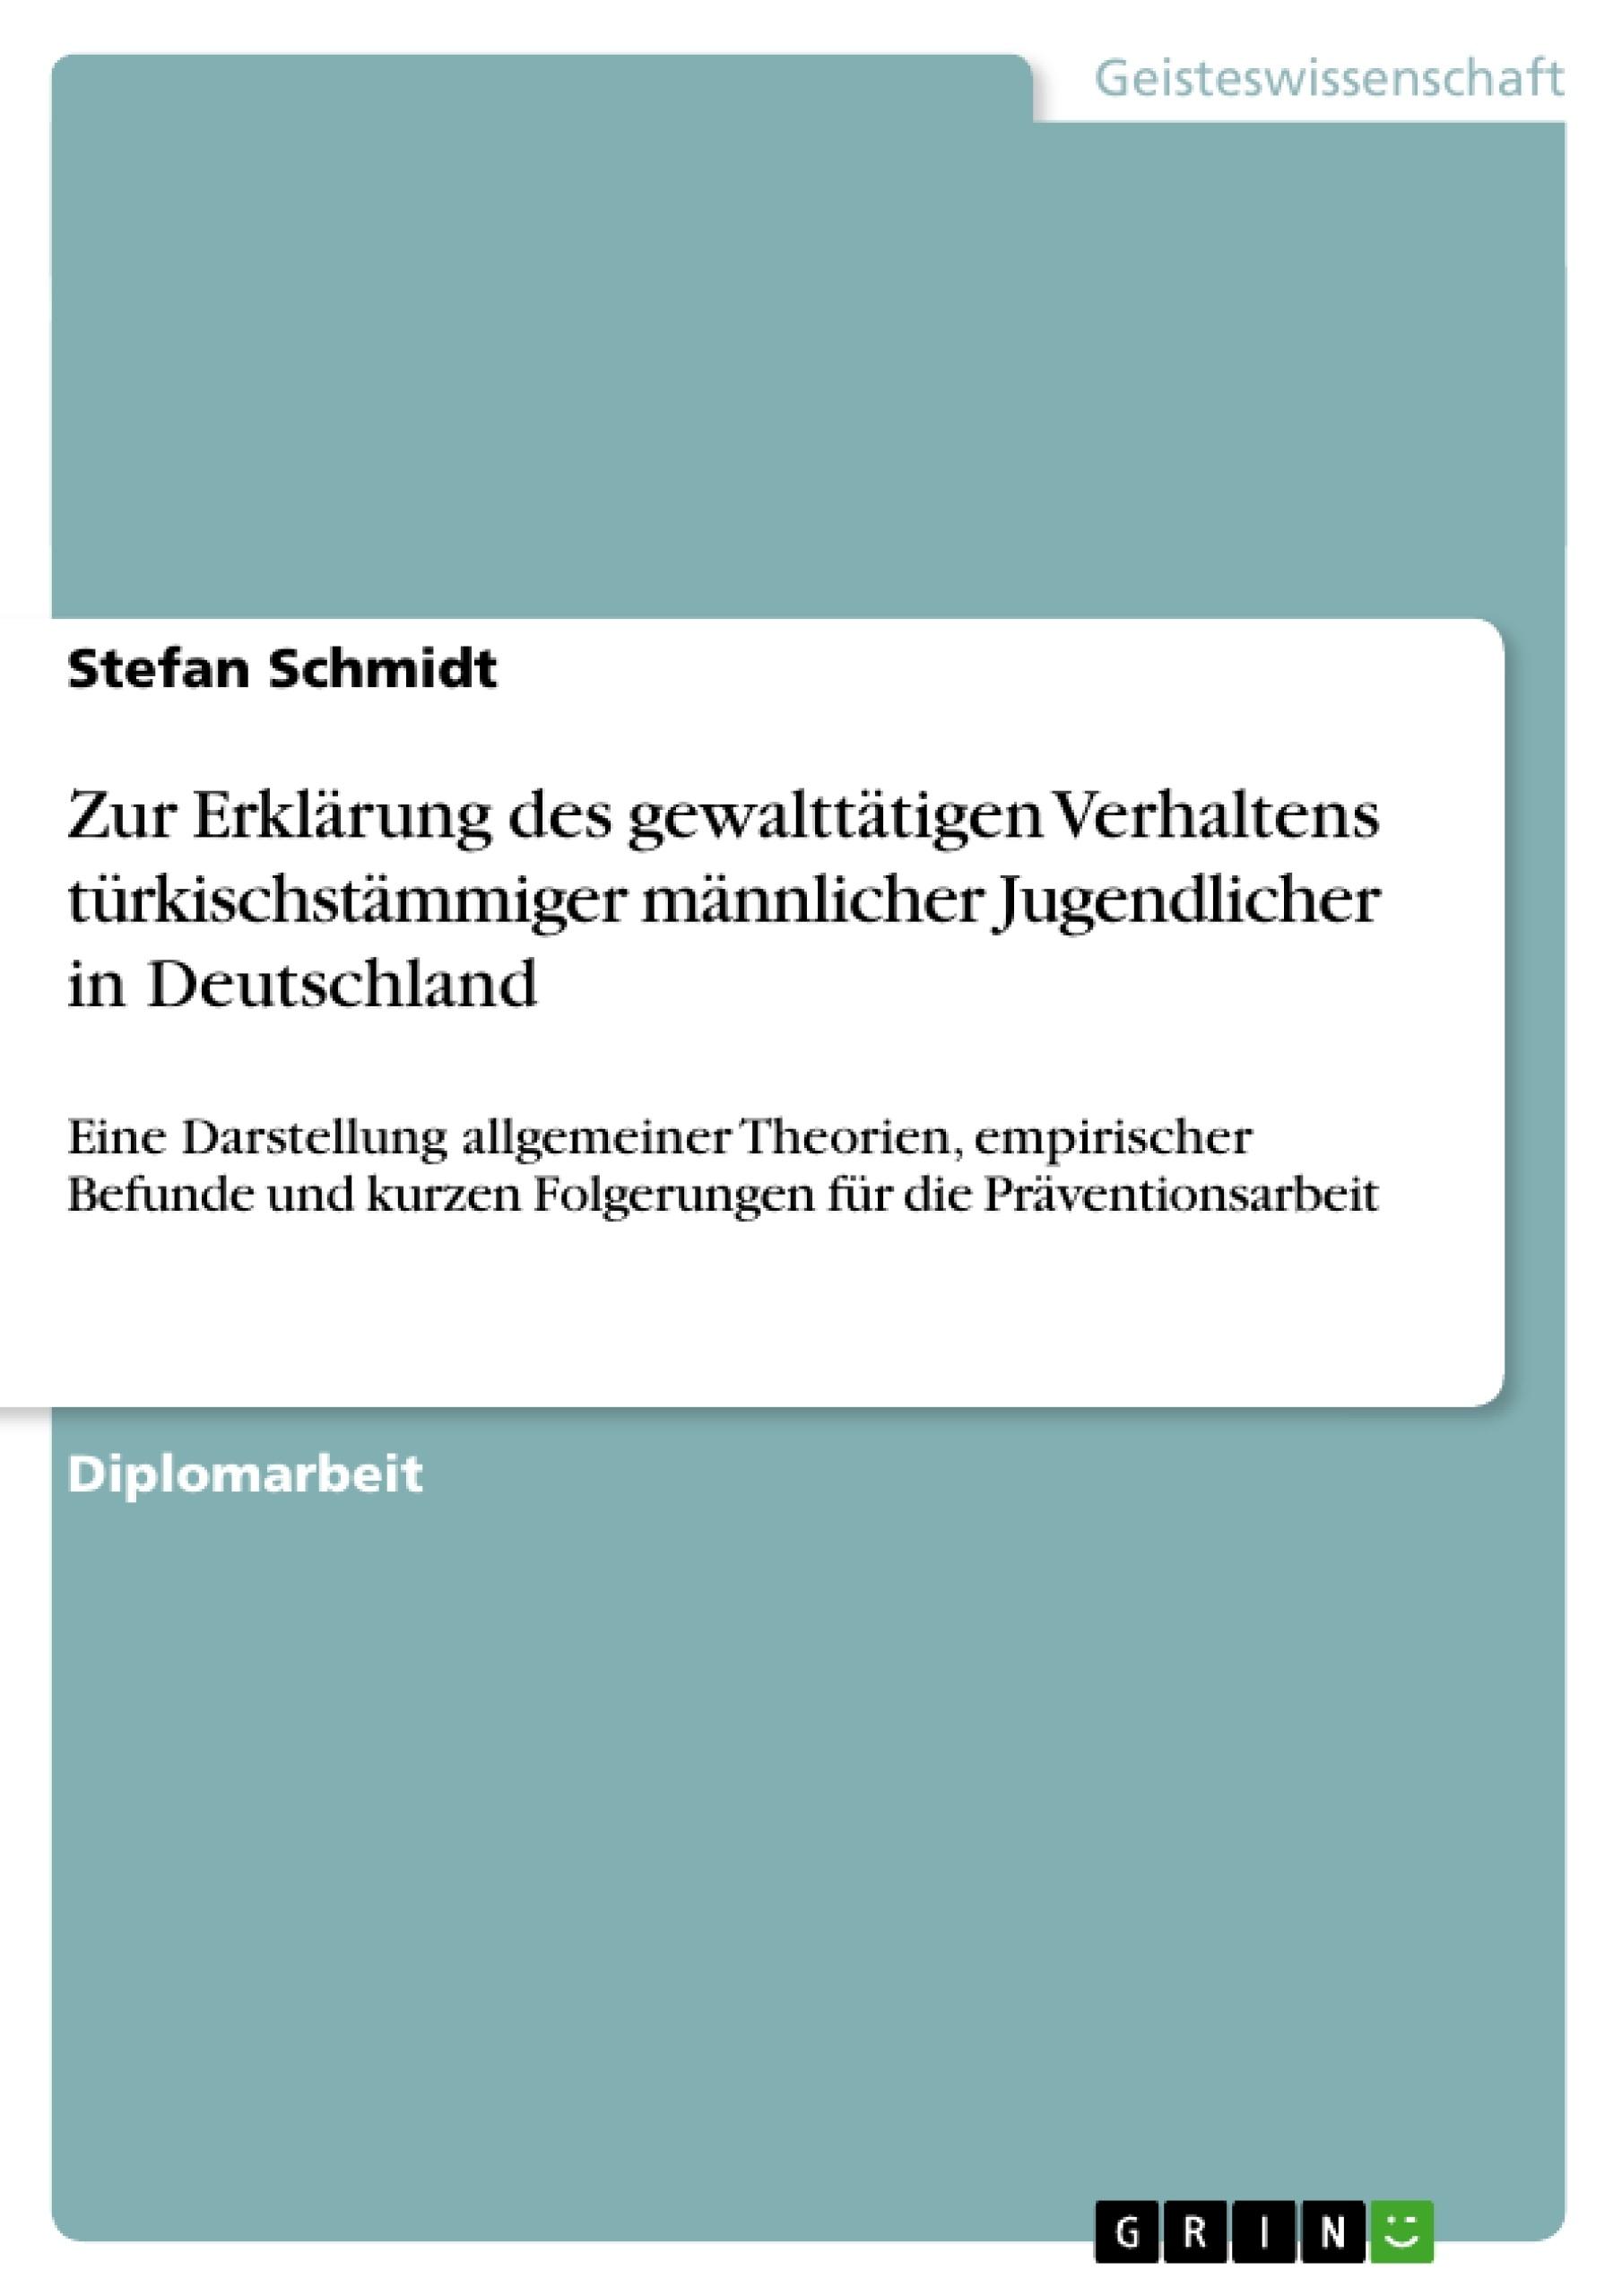 Titel: Zur Erklärung des gewalttätigen Verhaltens türkischstämmiger männlicher Jugendlicher in Deutschland